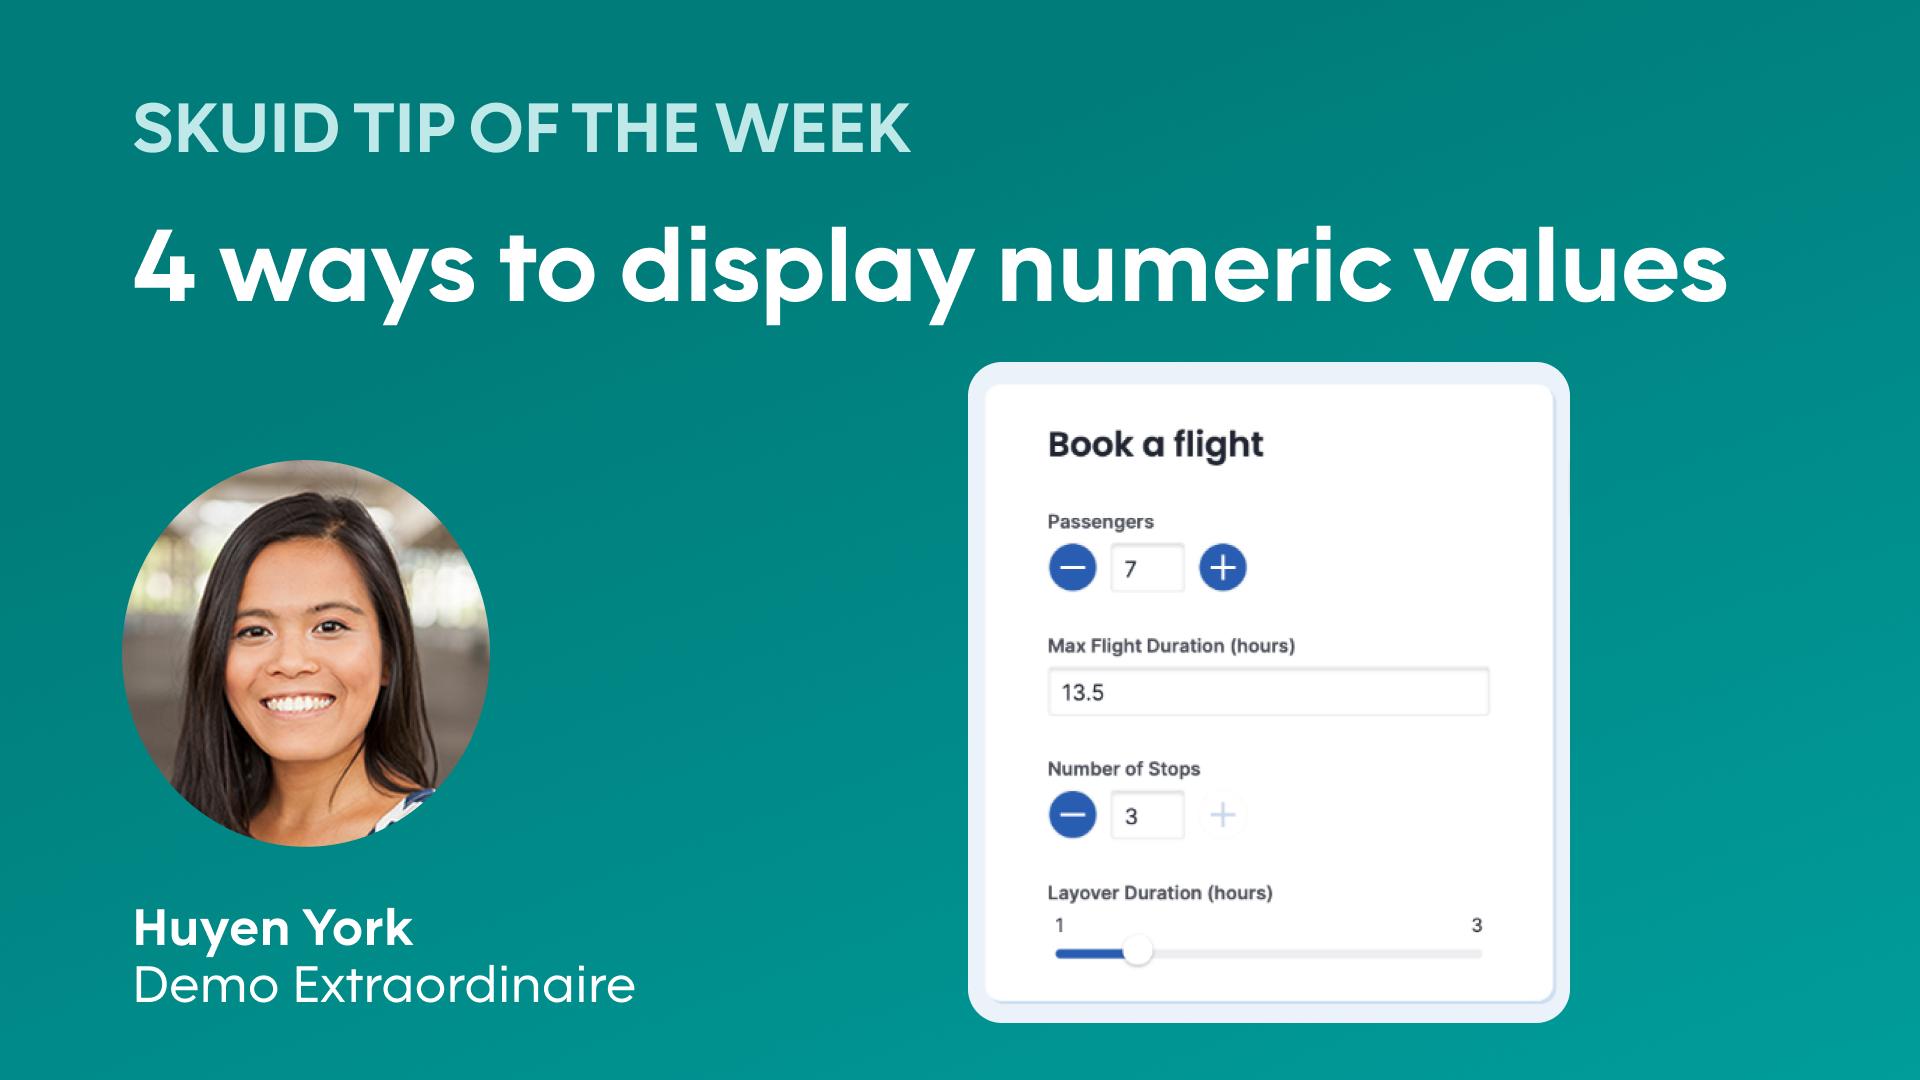 4 ways to display numeric value | Skuid tip of the week